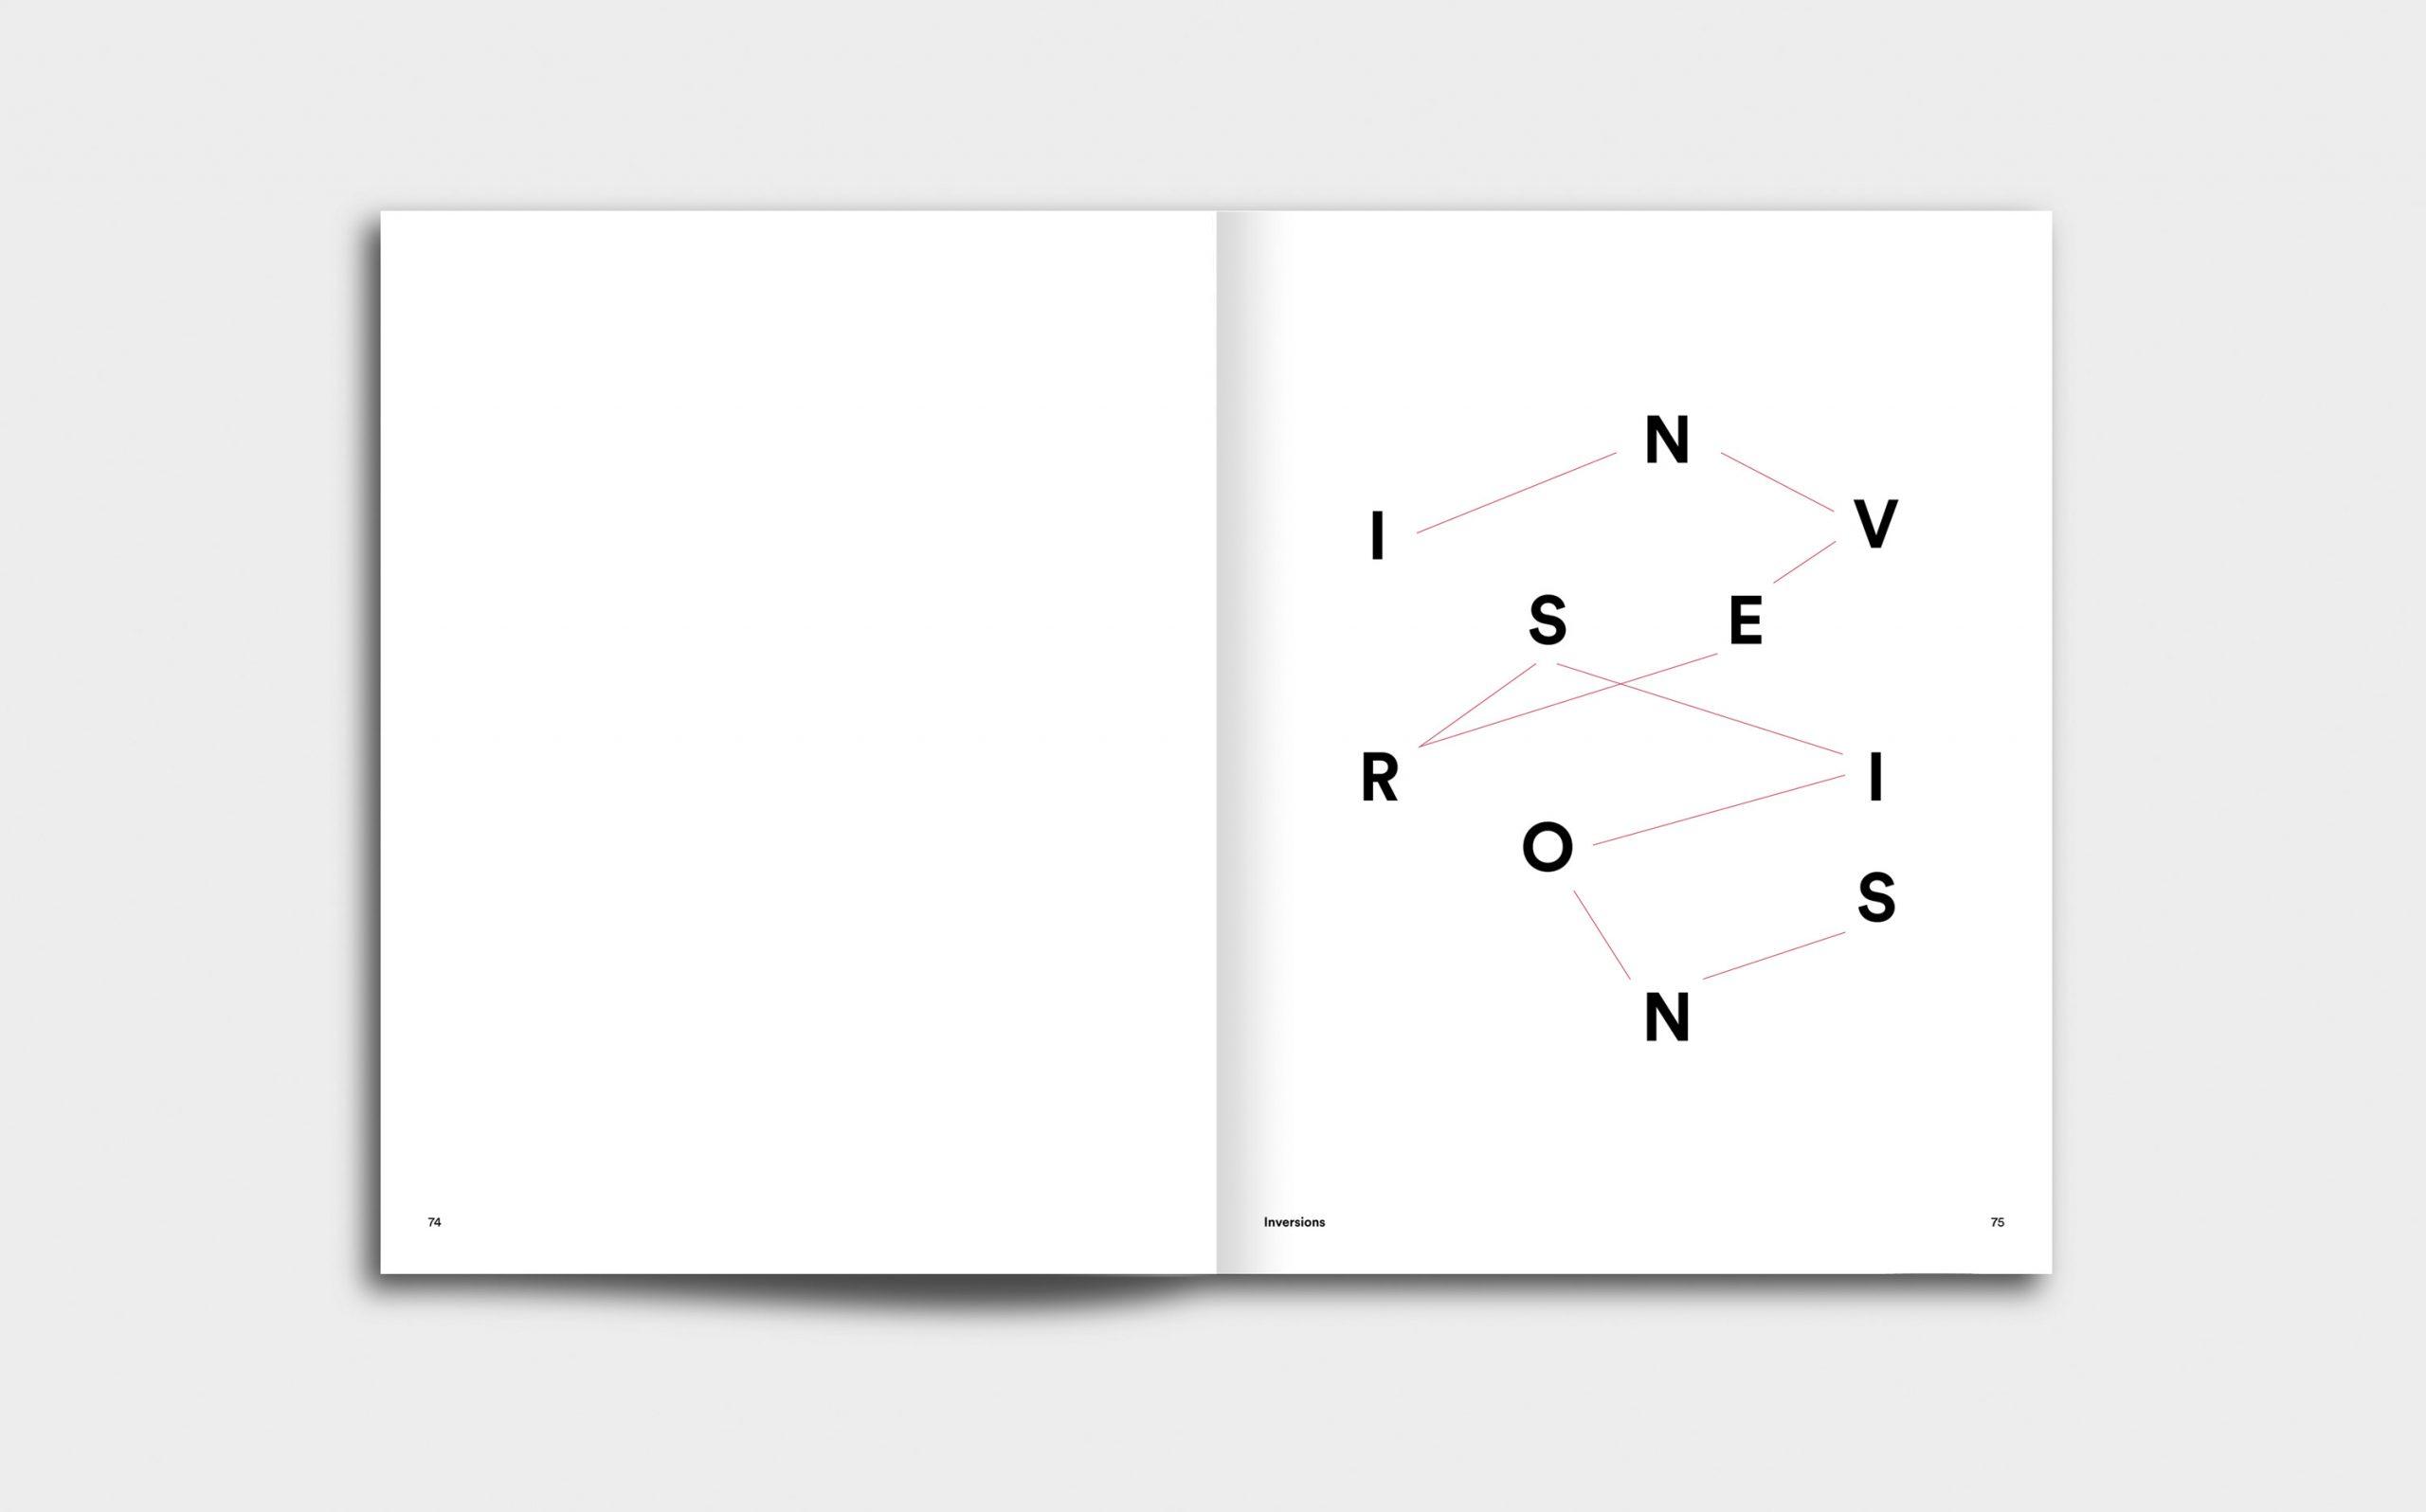 Juliana Herrero – REM 1:1 | Kapitel Opener mit grafischer Inszenierung des Titels »Inversions« | Keywords: Editorial Design, Artist Book, Künstlerbuch, Buchgestaltung, Grafikdesign, Design, Typografie